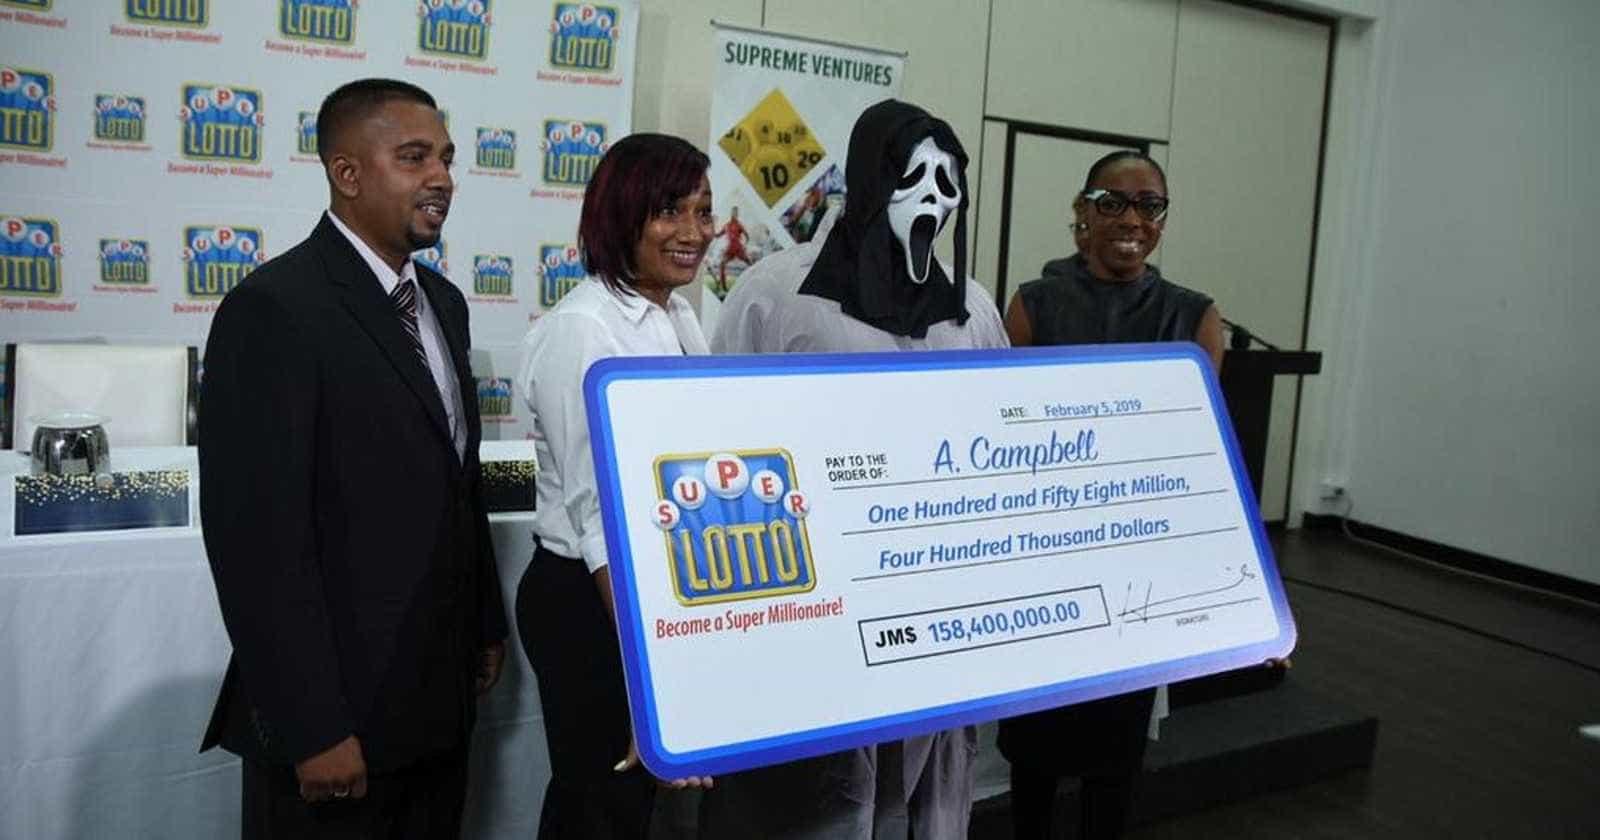 Para não ser identificado, ganhador de loteria recebe prêmio mascarado